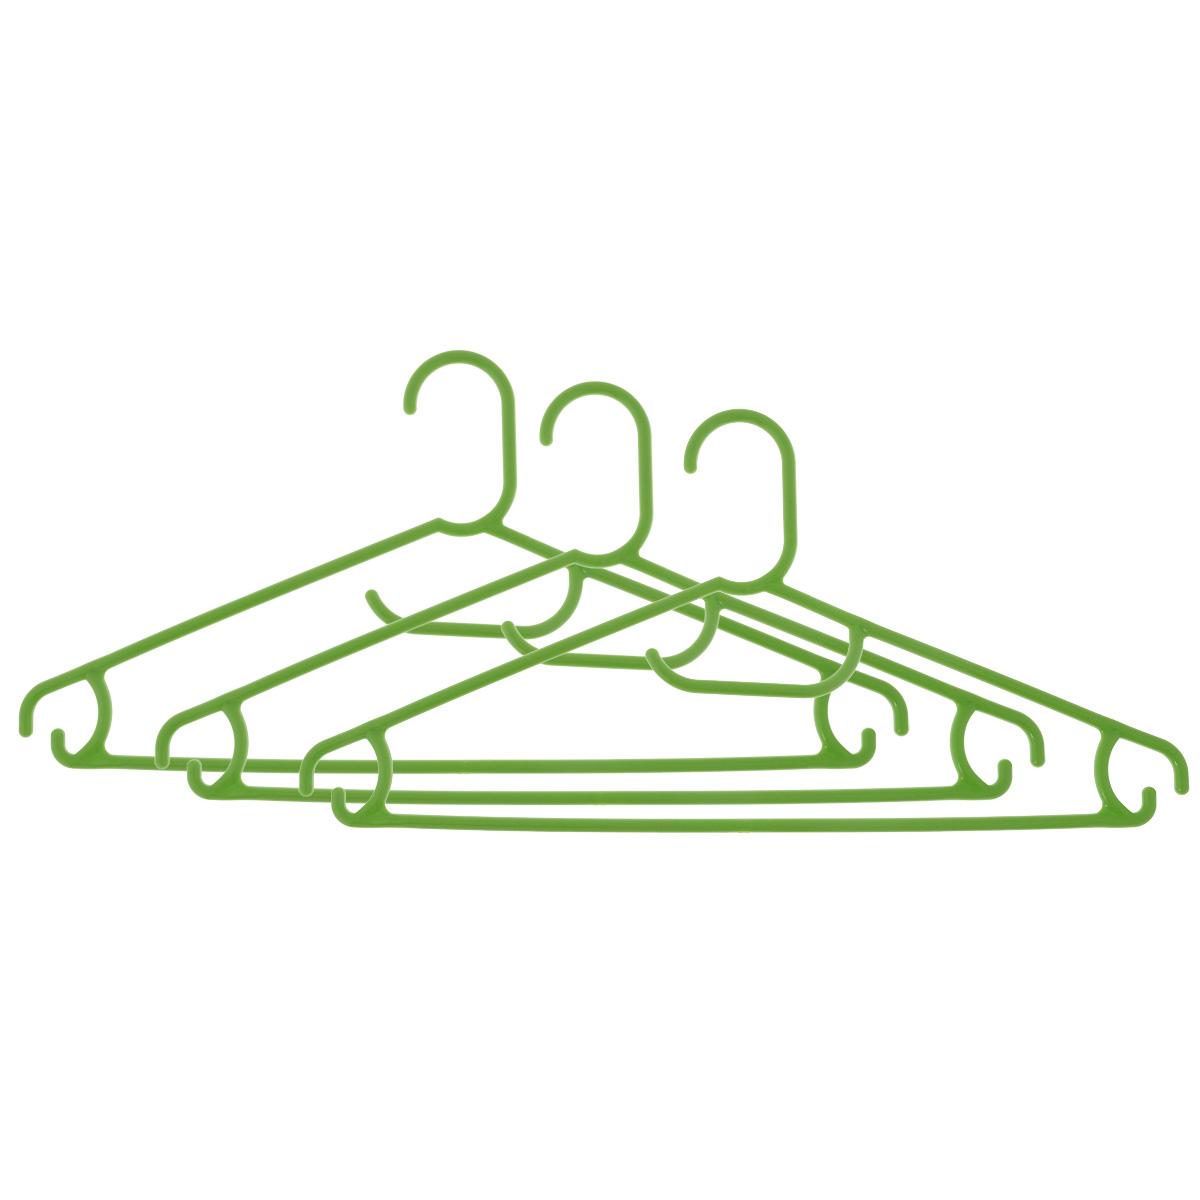 Набор вешалок Econova, цвет: салатовый, размер 48, 3 штС12354Набор Econova выполненный из прочного пластика, состоит из 3 вешалок. Каждое изделие оснащено перекладиной, боковыми крючками, а также крючком для галстуков. Вешалка - это незаменимая вещь для того, чтобы ваша одежда всегда оставалась в хорошем состоянии. Комплектация: 3 шт. Размер одежды: 48.